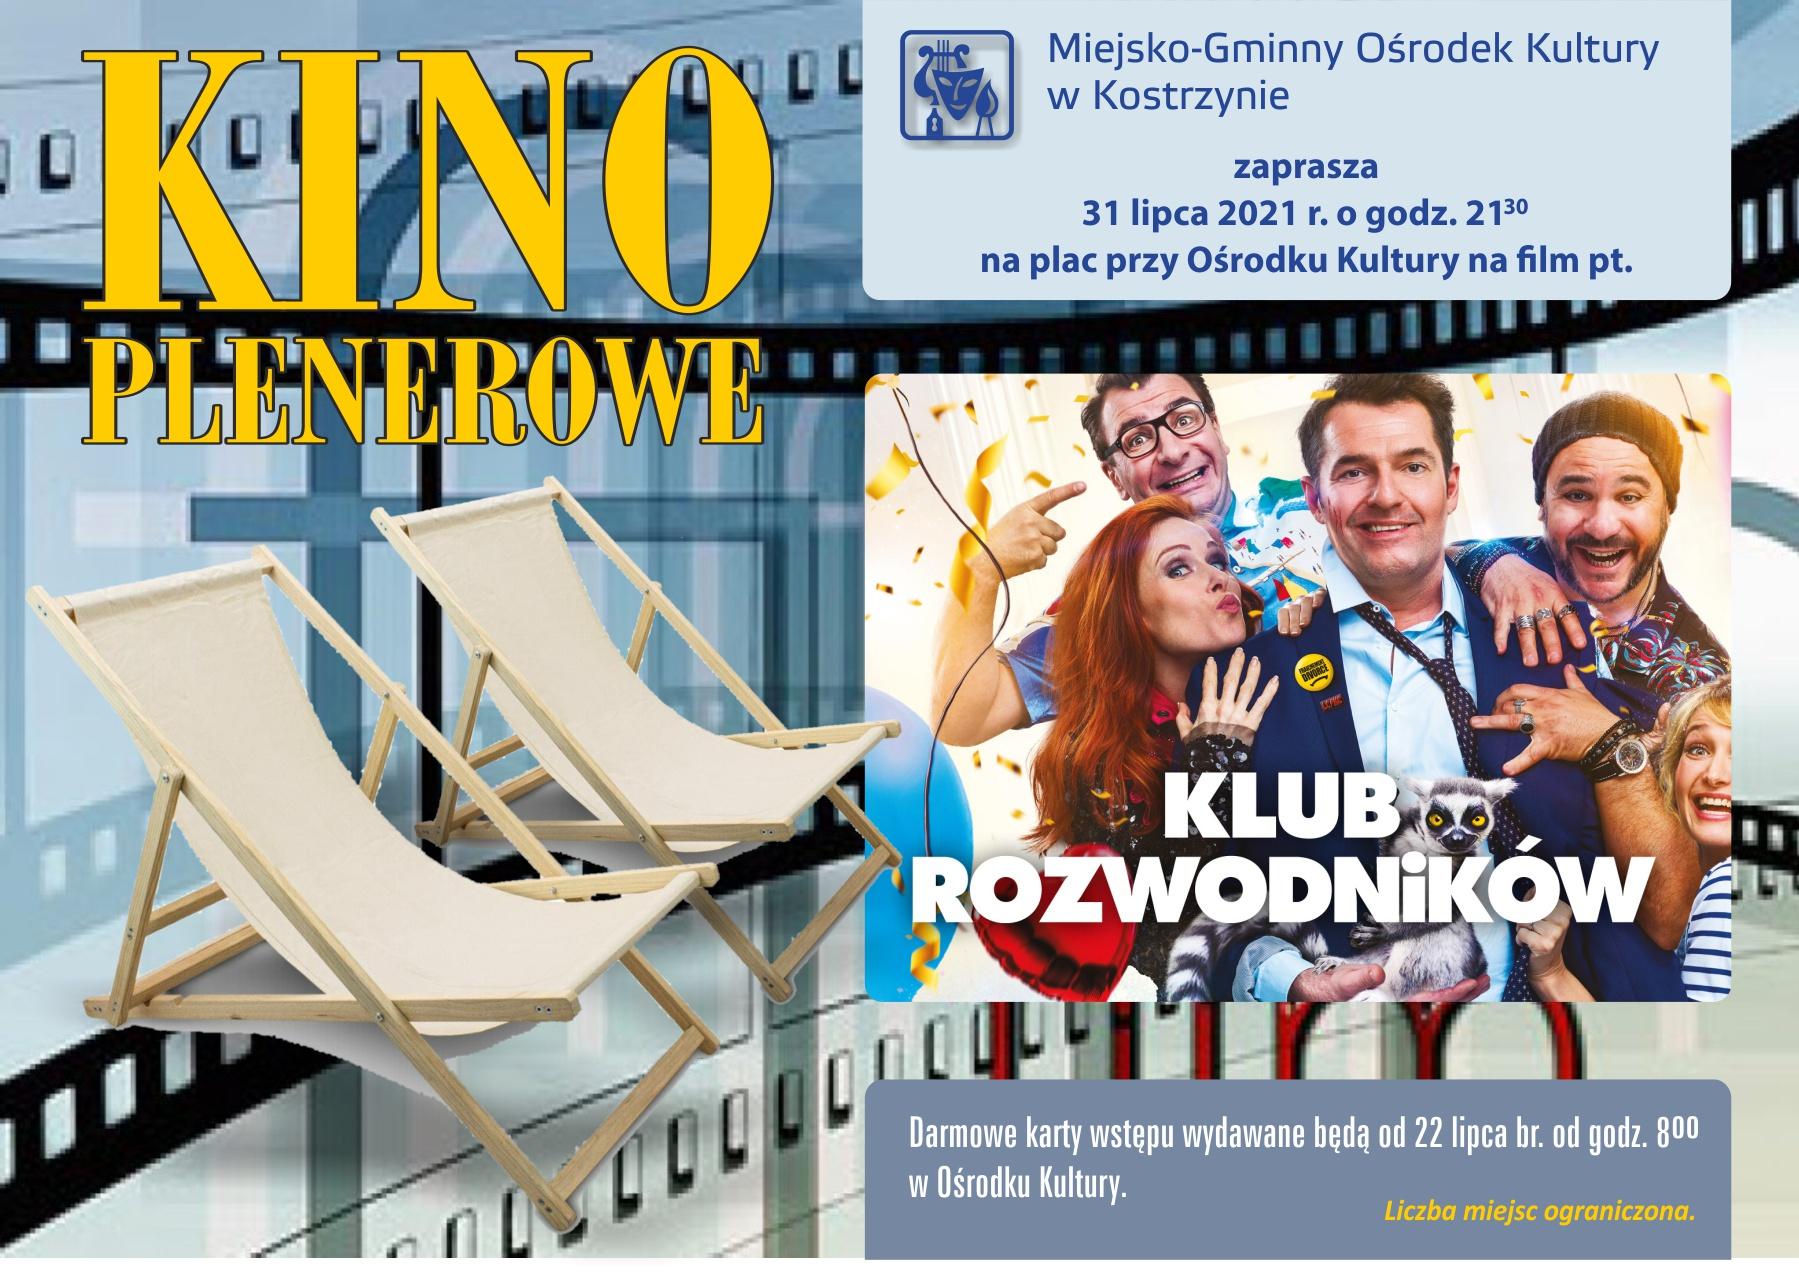 Film pt. Klub rozwodników, plaz przy MGOK, 31 lipca br. godz. 21,30. Darmowe zaproszenia do odbioru w MGOK od 22 lpca.